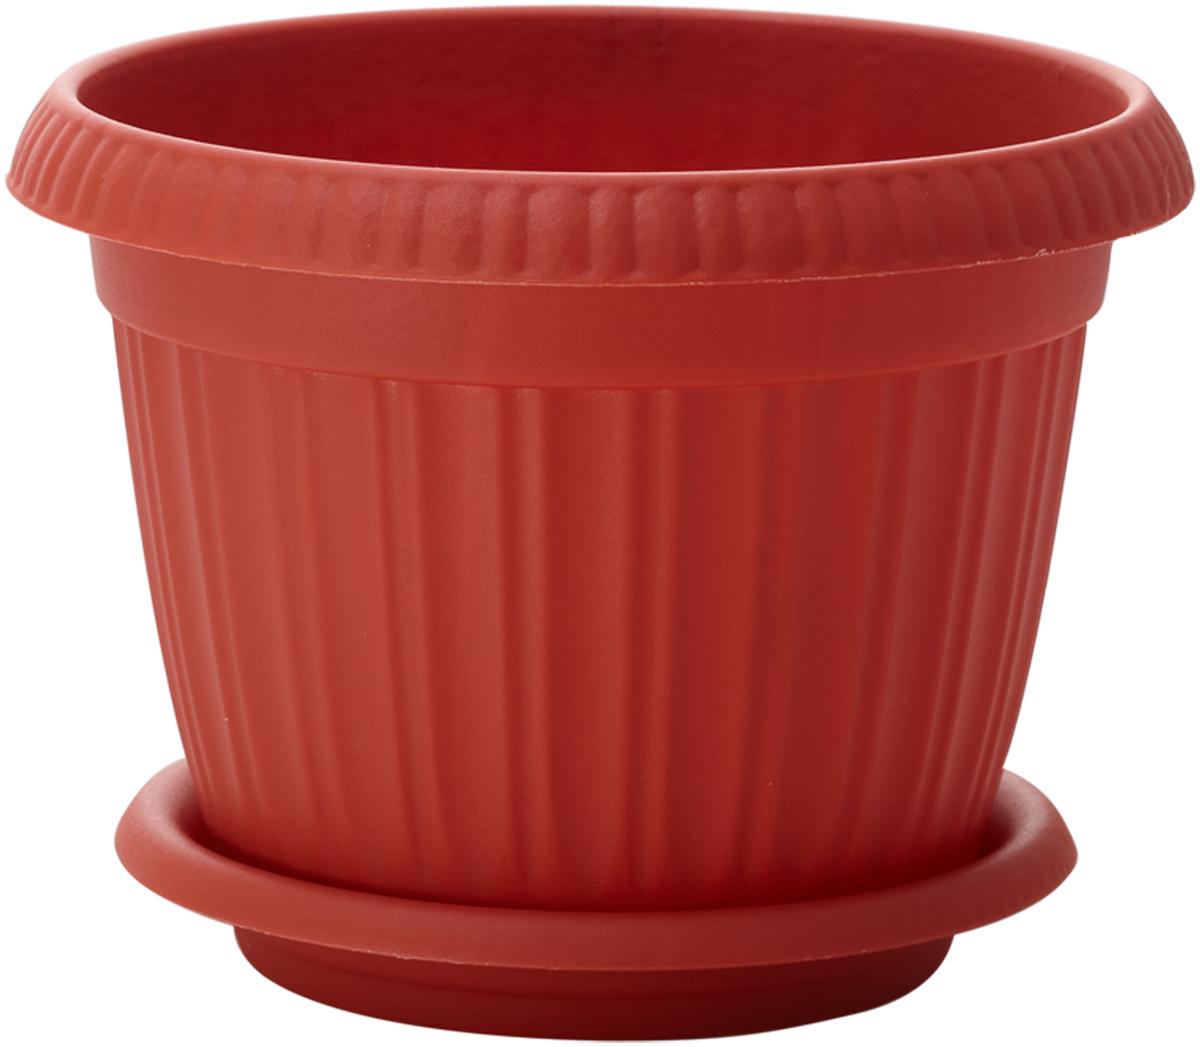 Горшок для цветов InGreen Таити, с подставкой, цвет: терракотовый, диаметр 13 смING41013FТРГоршок InGreen Таити выполнен из высококачественного полипропилена (пластика) и предназначен для выращивания цветов, растений и трав. Снабжен подставкой для стока воды. Такой горшок порадует вас функциональностью, а благодаря лаконичному дизайну впишется в любой интерьер помещения. Диаметр горшка по верхнему краю: 13 см. Высота горшка: 10,4 см. Диаметр подставки: 11 см.